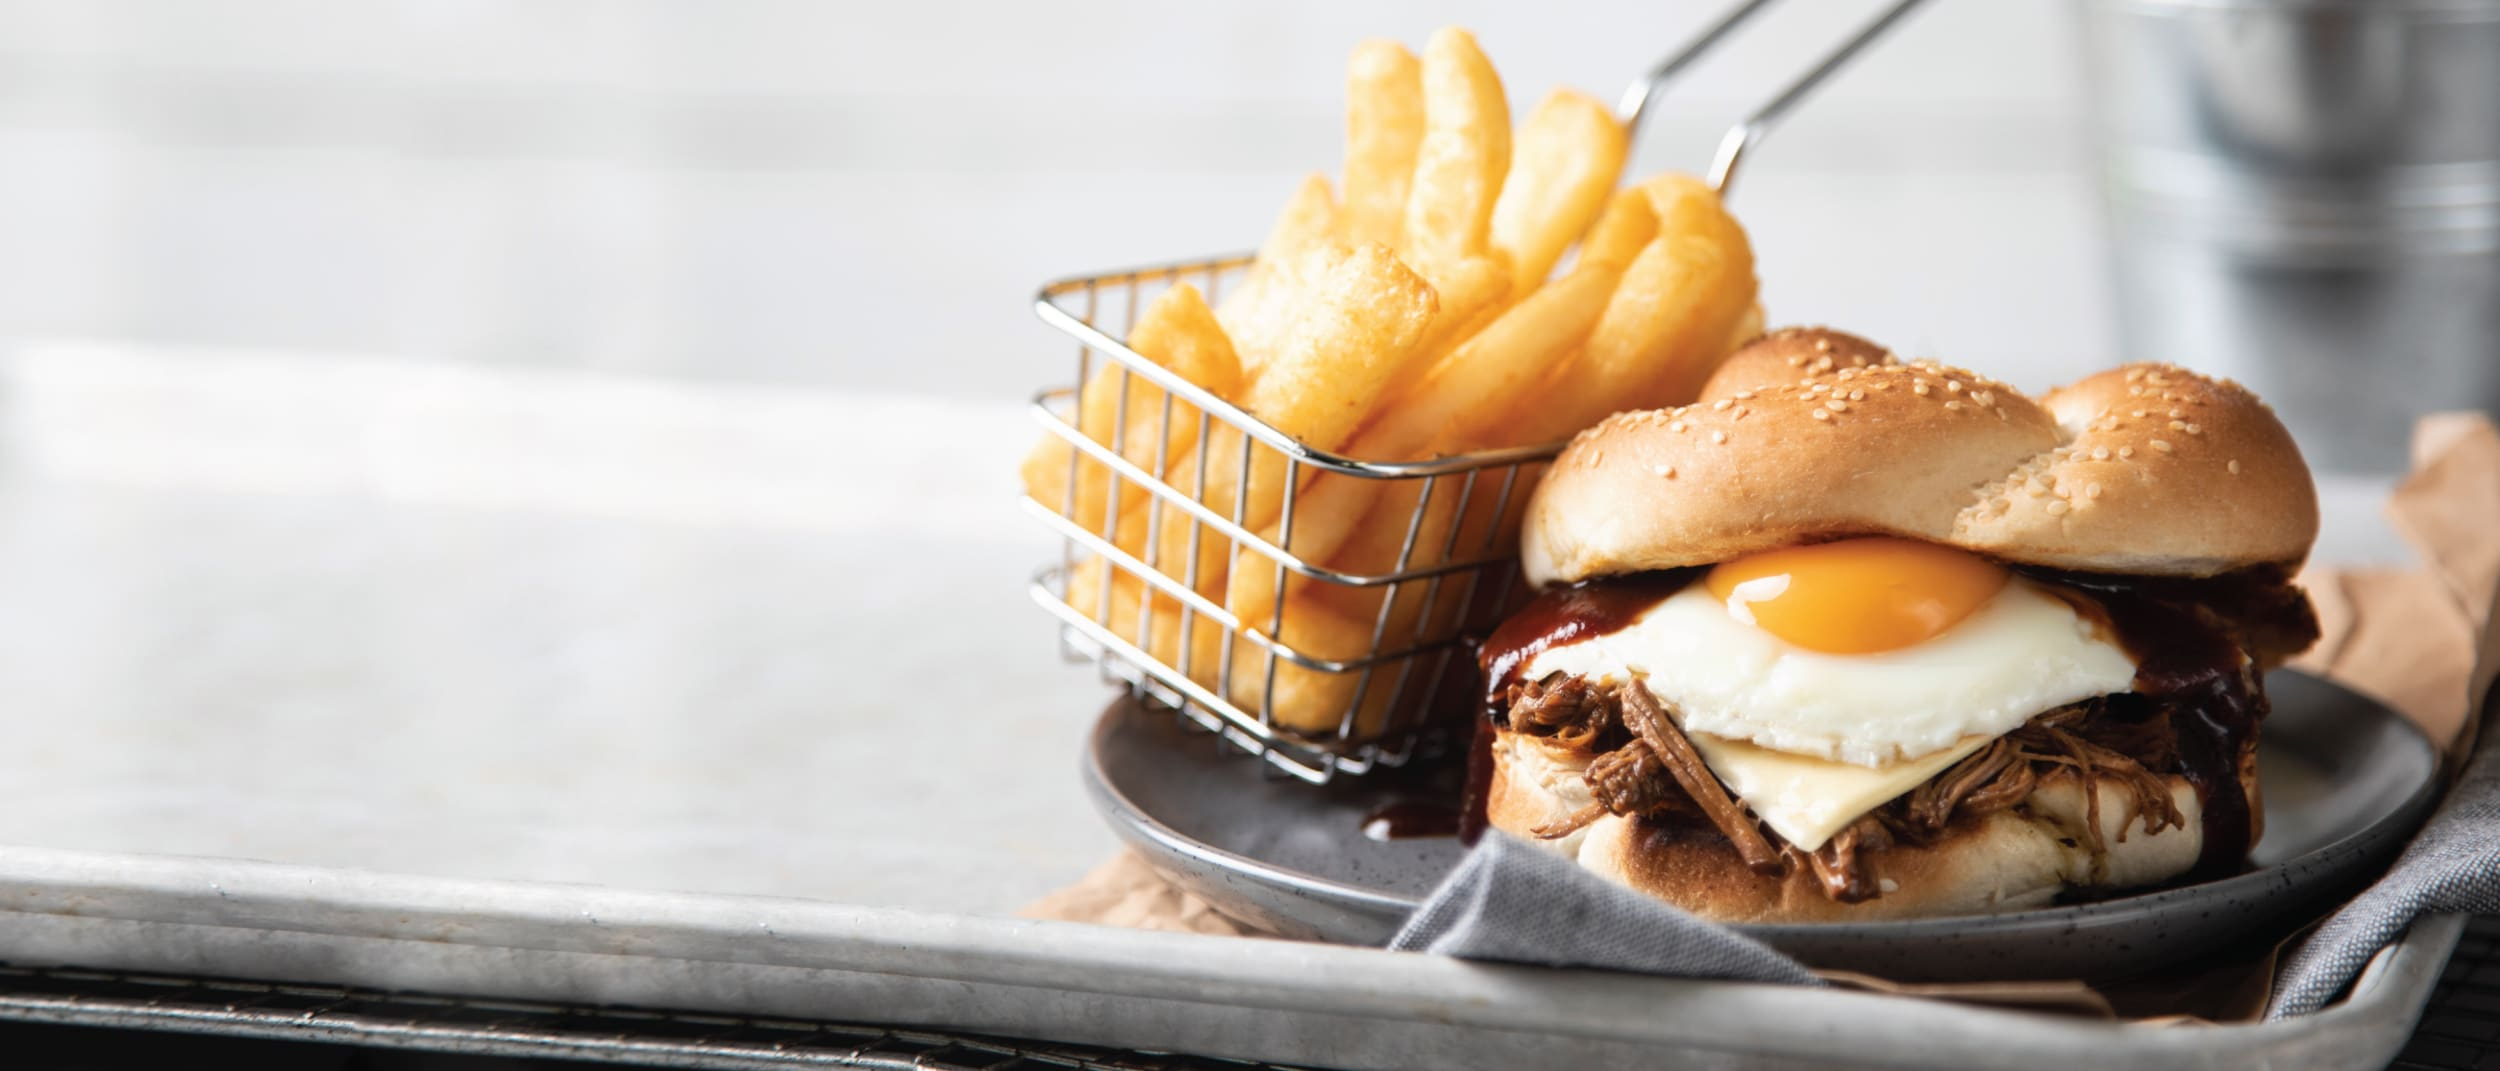 Brisket & egg burger now at Bucking Bull